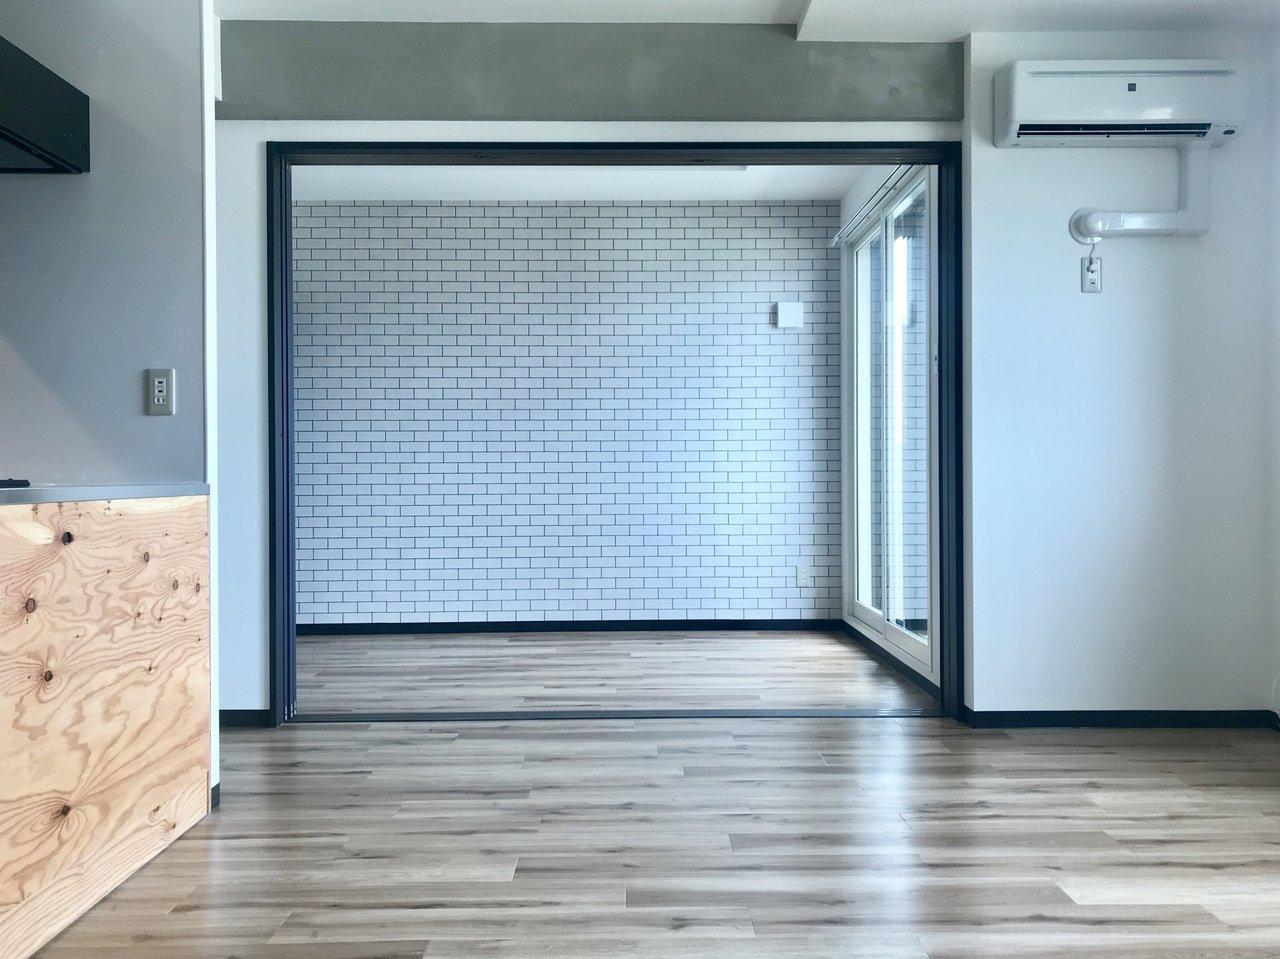 リビングはなんと14.1畳。隣の洋室との扉を開け放しにしておけば、さらに広く感じます。もう隣の部屋まで合わせて広々使っちゃいませんか?